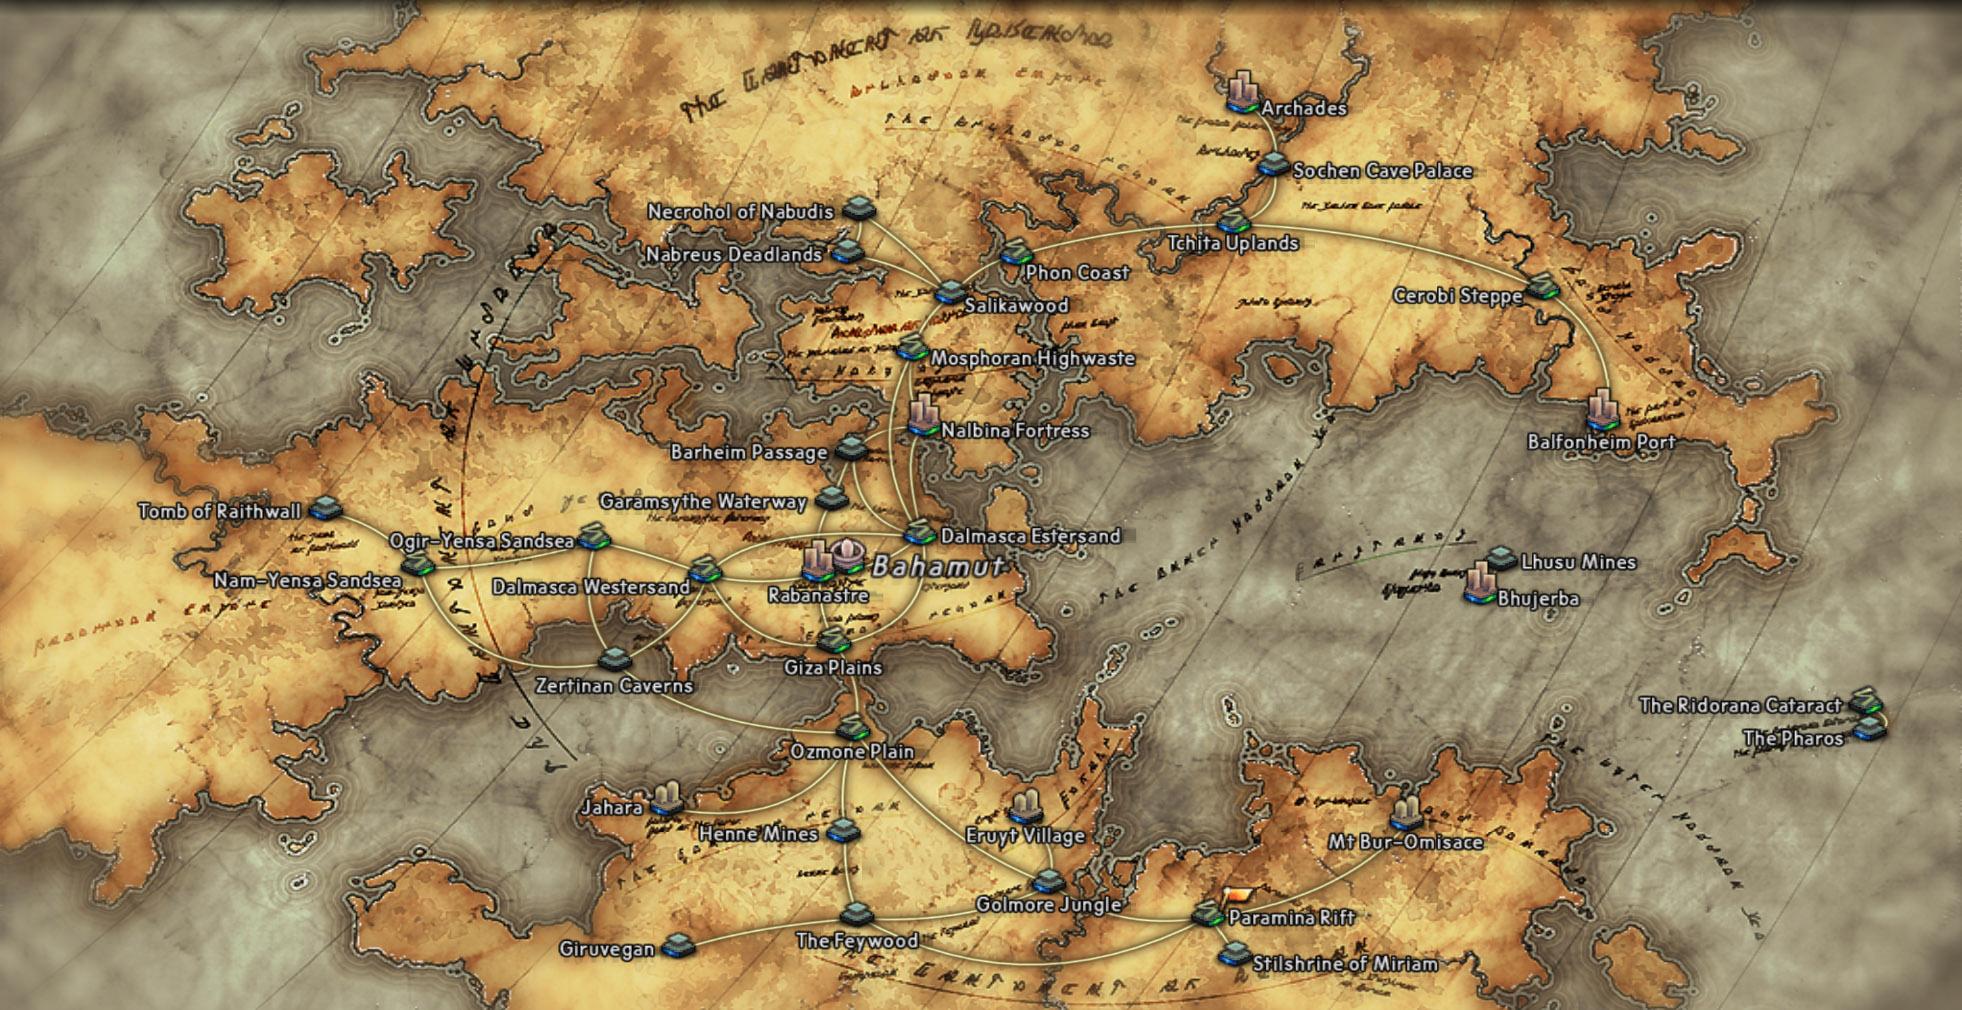 Как рисовать карты фэнтези миров